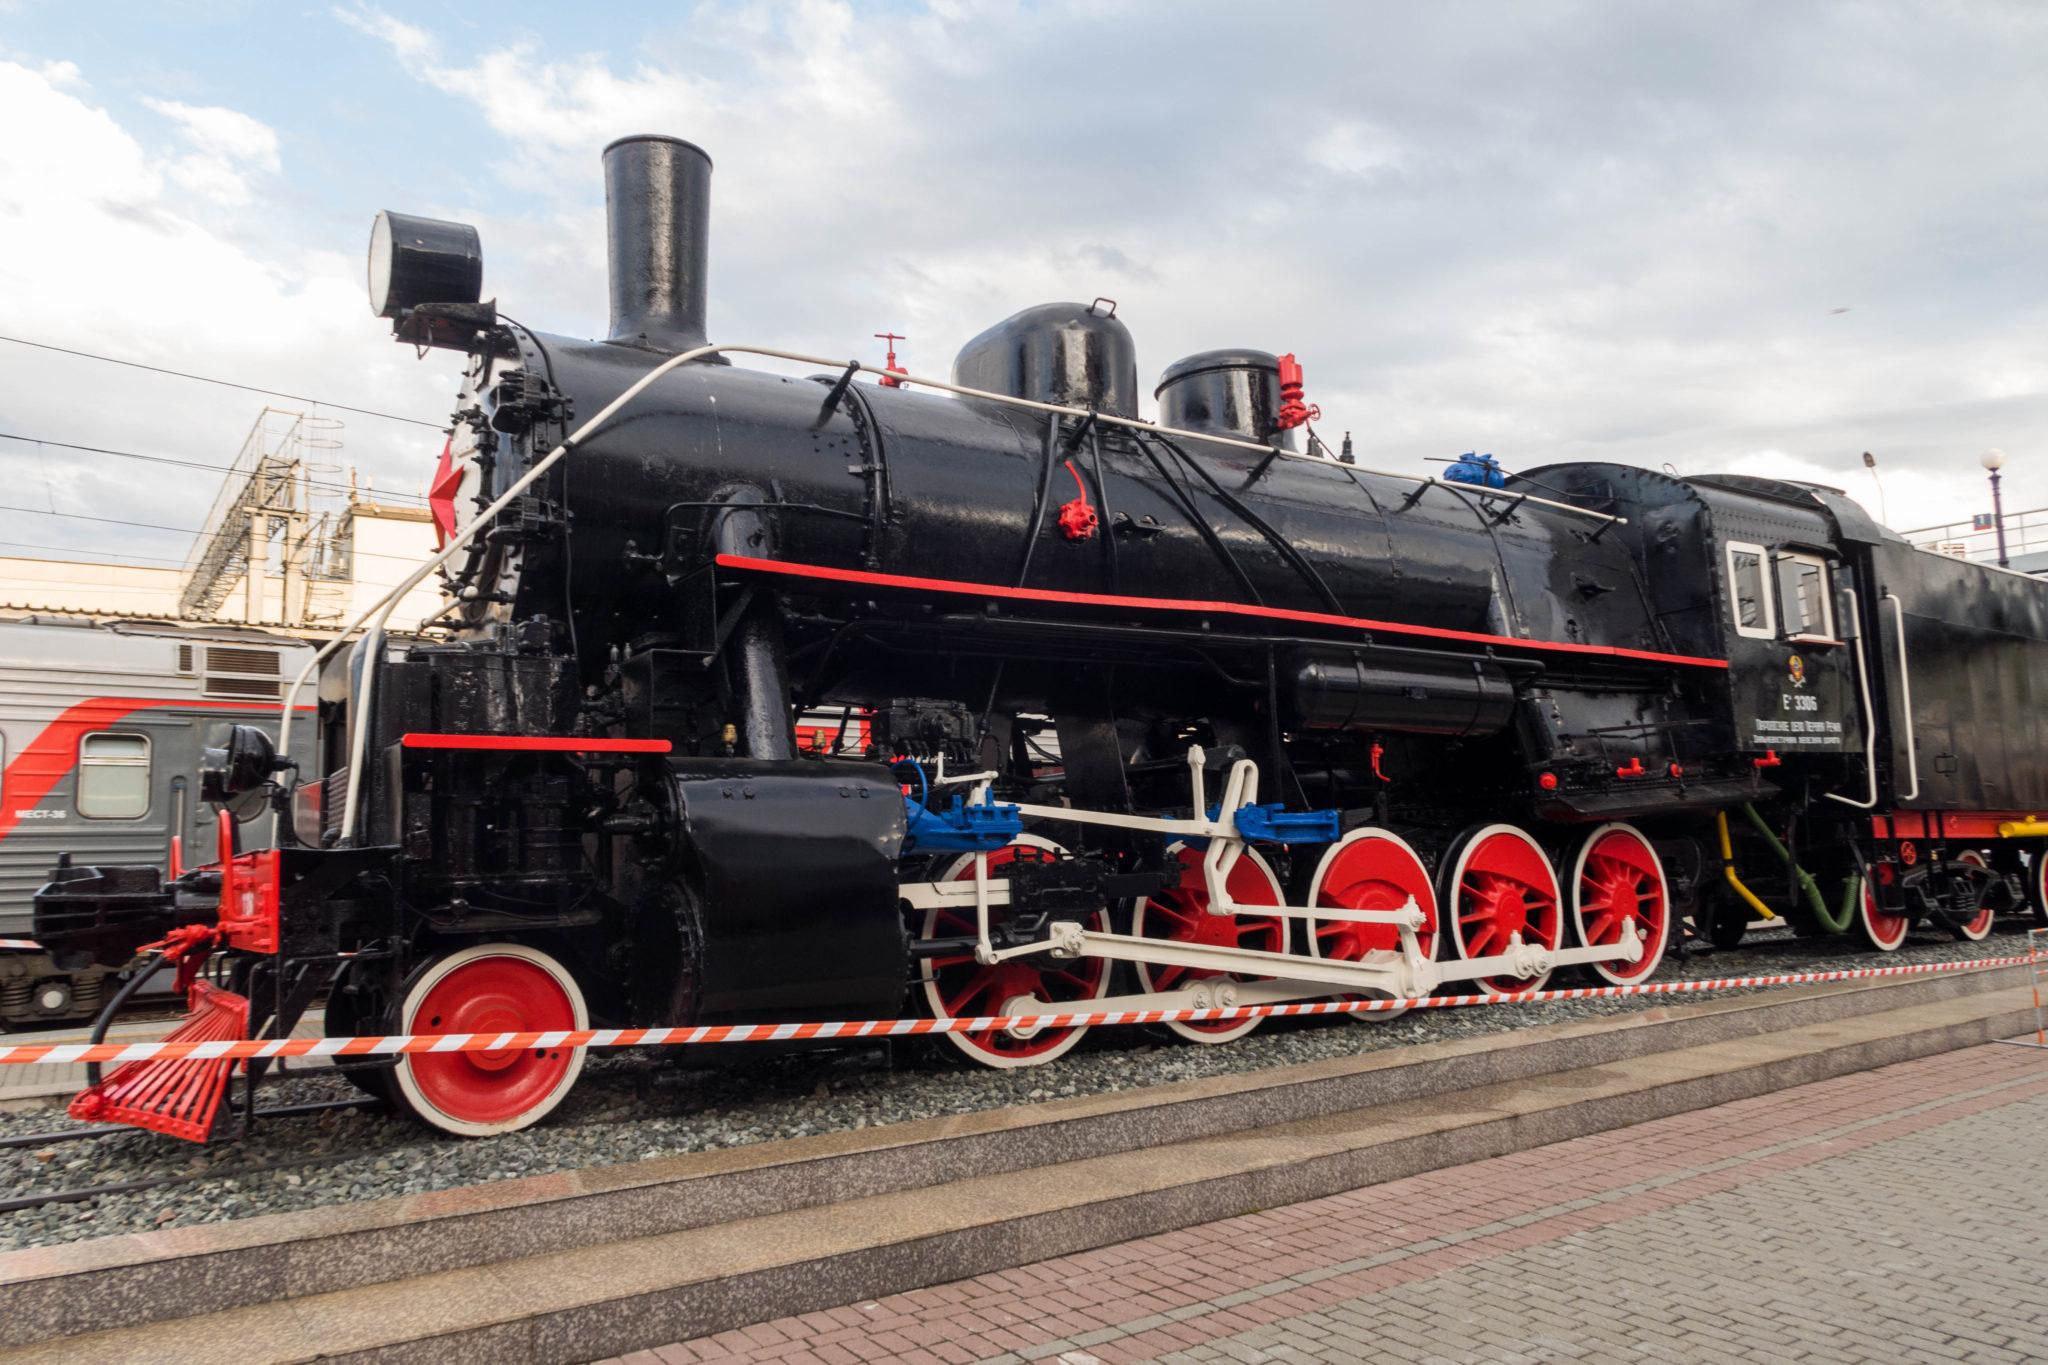 Khabarovsk to Irkutsk